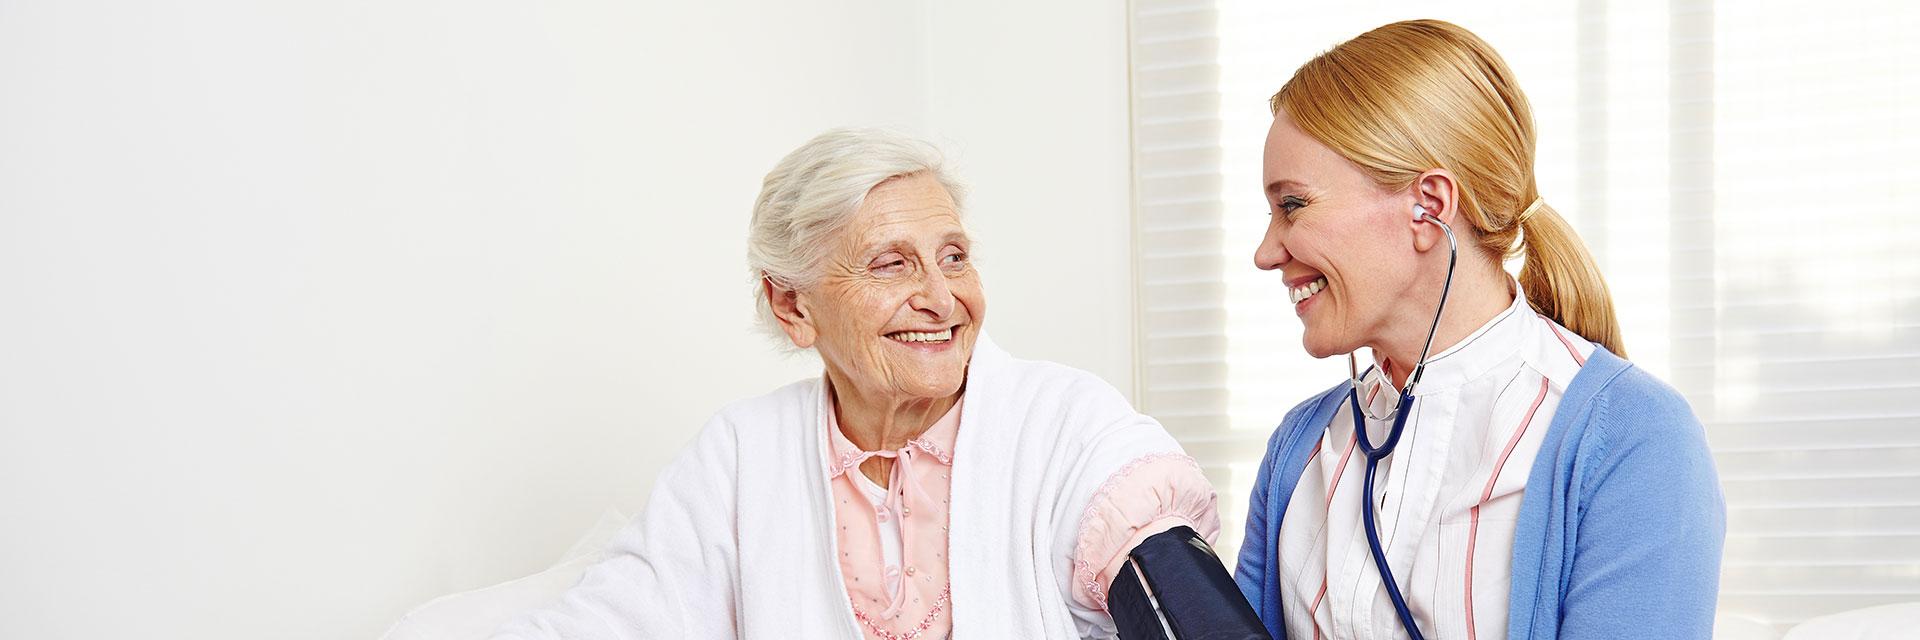 Eine Altenpflegerin misst einer alten Dame mit Hilfe eines Blutdruckmessgeräts den Blutdruck